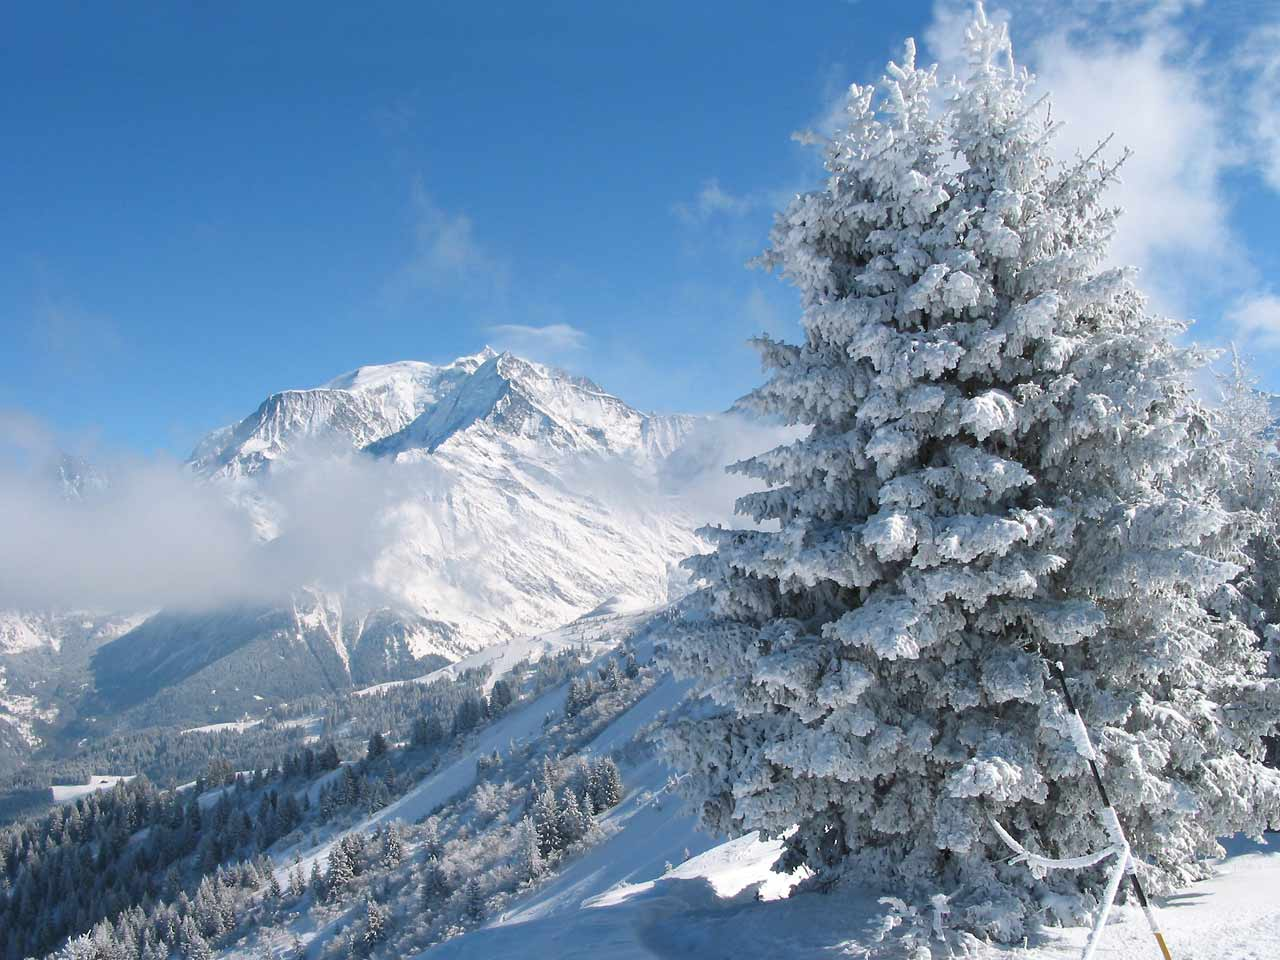 Saint-Gervais-les-Bains, Haute-Savoie